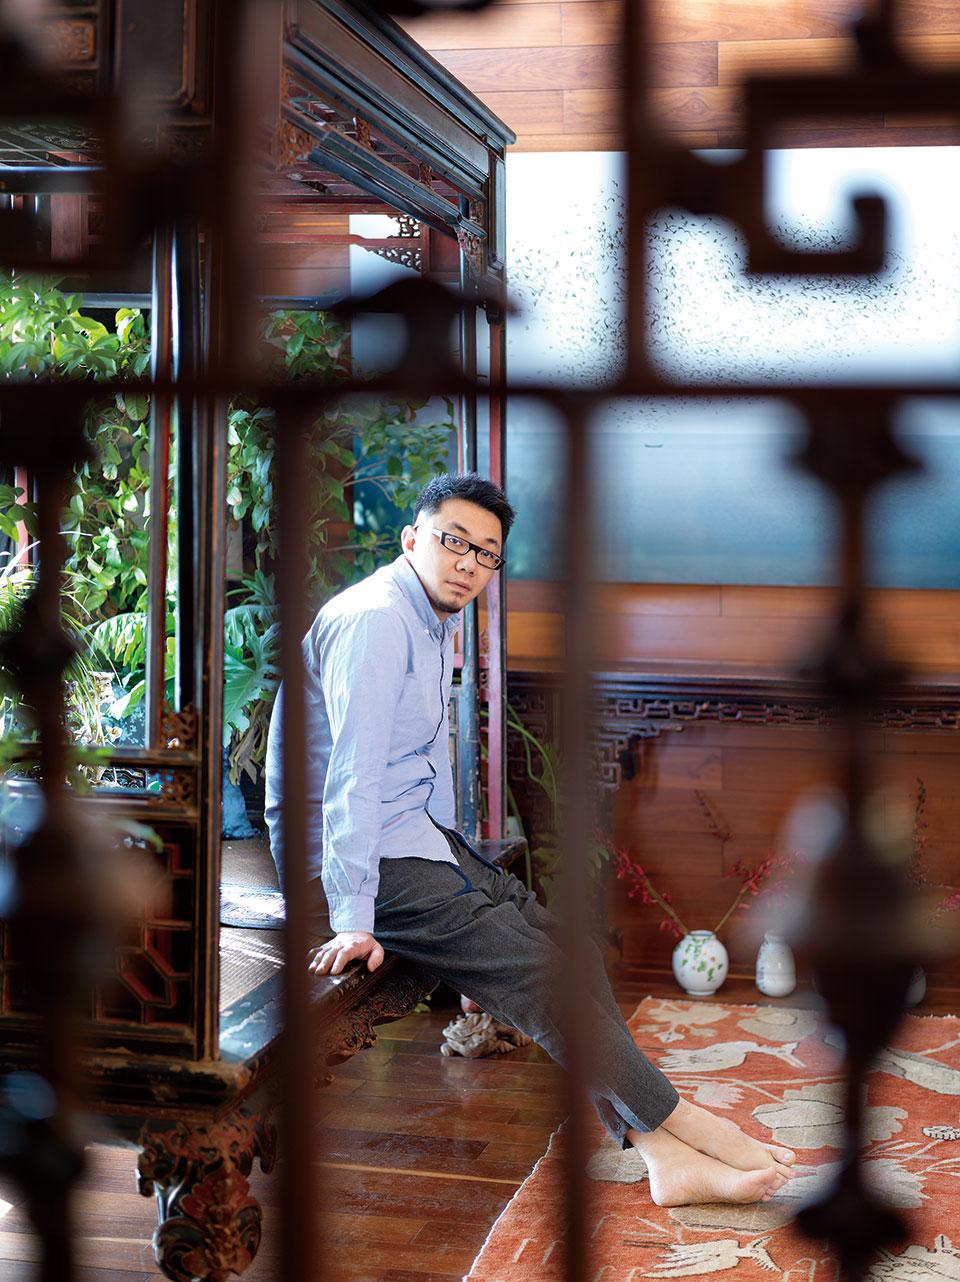 """透过屏风的窗格,可以看到迟鹏坐在客厅的福建雕花架子床上,他说,""""福建老床大多雕龙戏凤,这张床只用窗格子,显得很素,而且工艺精细,当年的主人品位一定很高。""""旁边龟背竹和鹅掌柴正掩映着老床榻,地上绘着白色仙鹤与莲叶的橘色老地毯则让客厅多了明媚与生机。"""